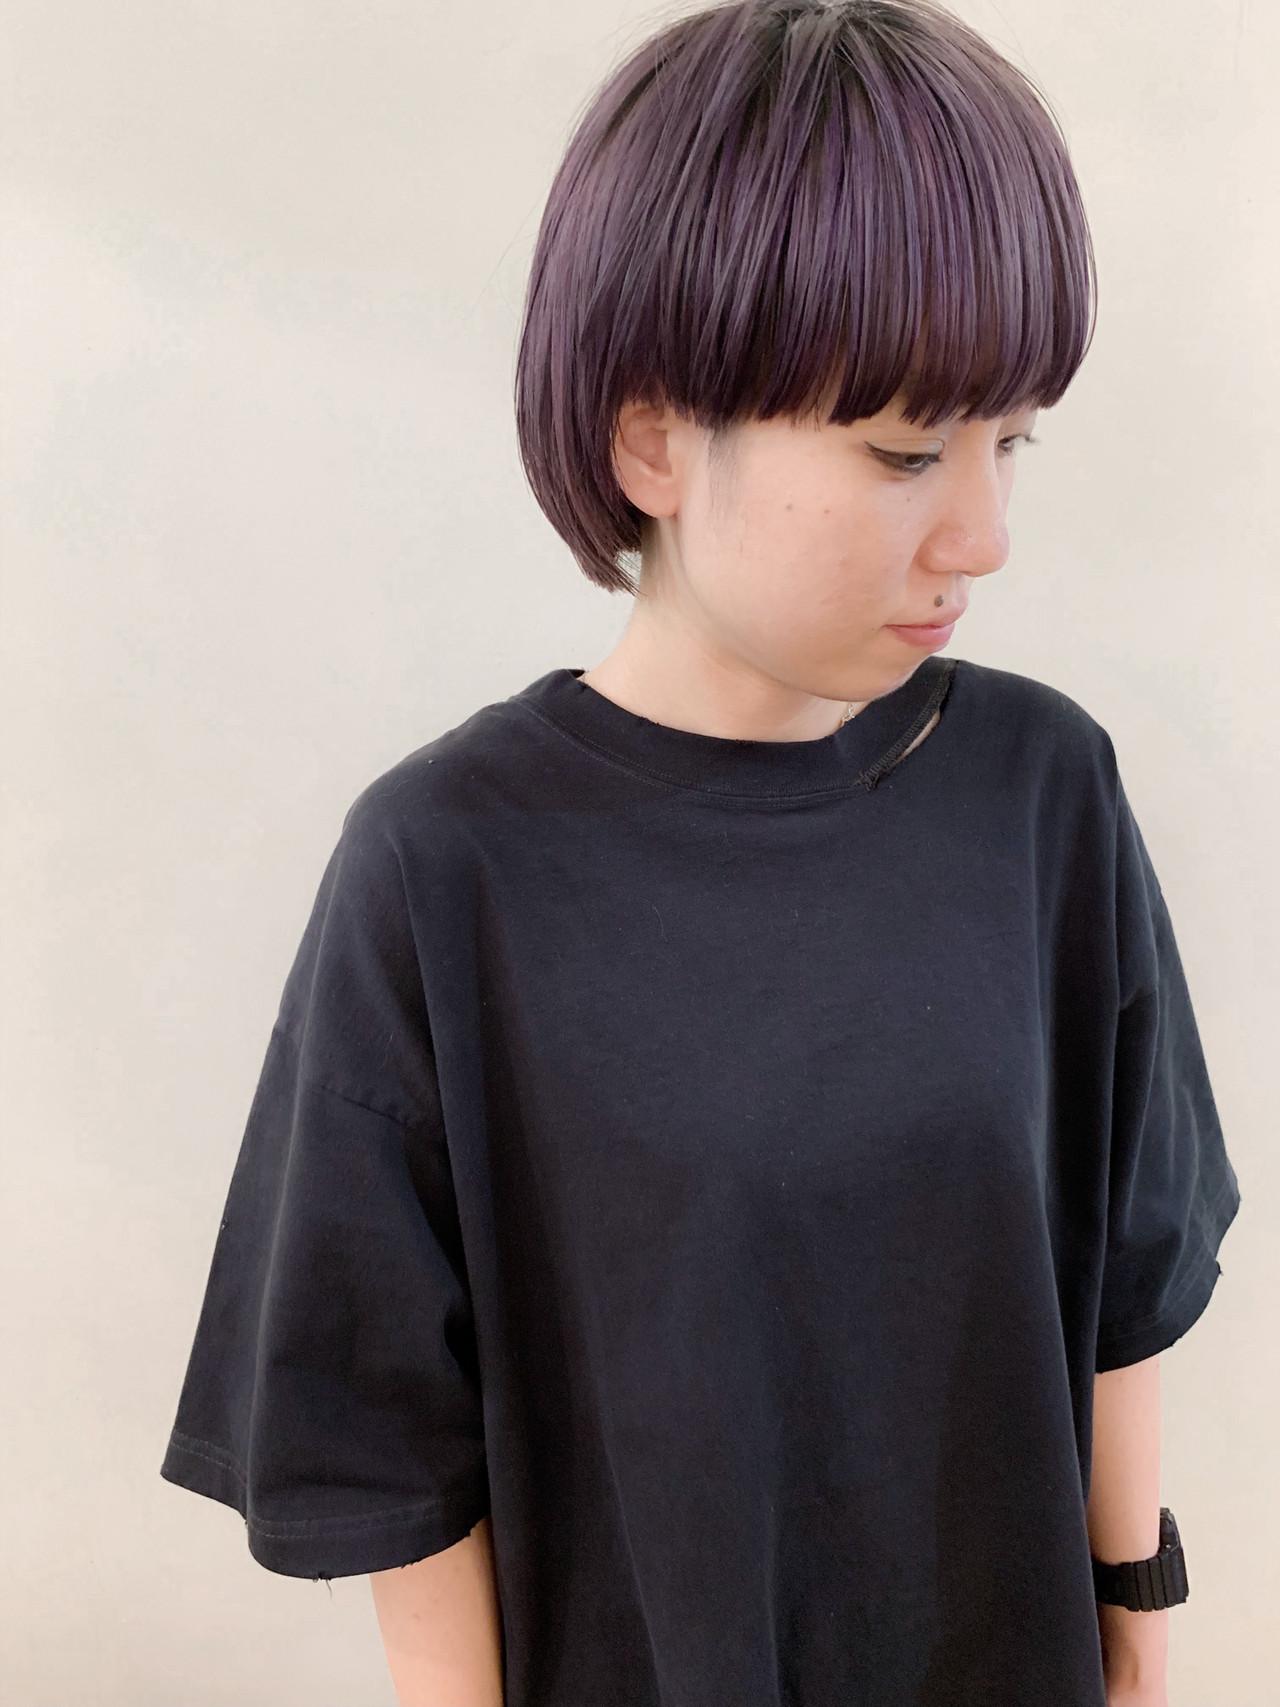 デート アウトドア スポーツ 大人かわいい ヘアスタイルや髪型の写真・画像 | yumiko/sapporoSKNOW / SKNOW